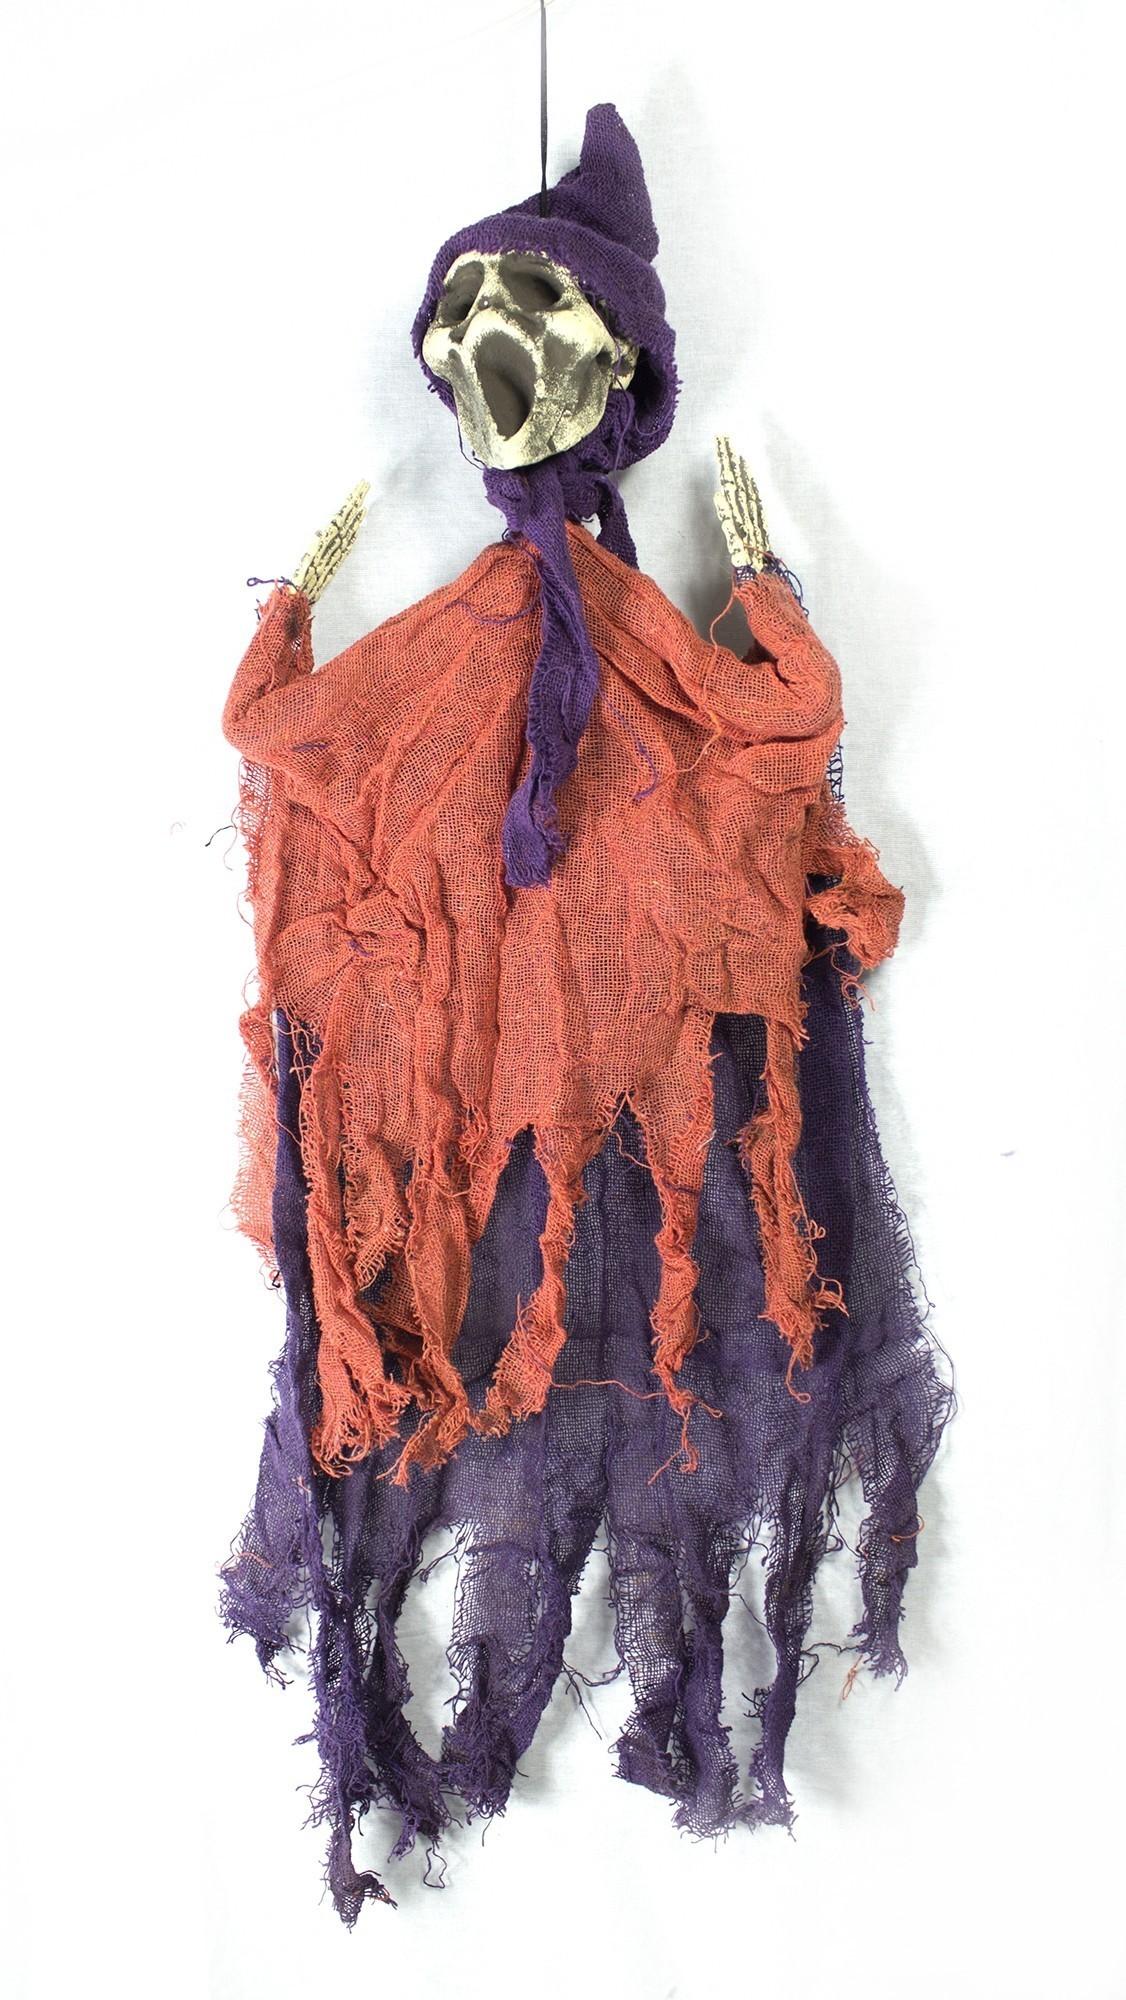 Подвесная декорация Крик оранжево-фиолетовый - Киногерои